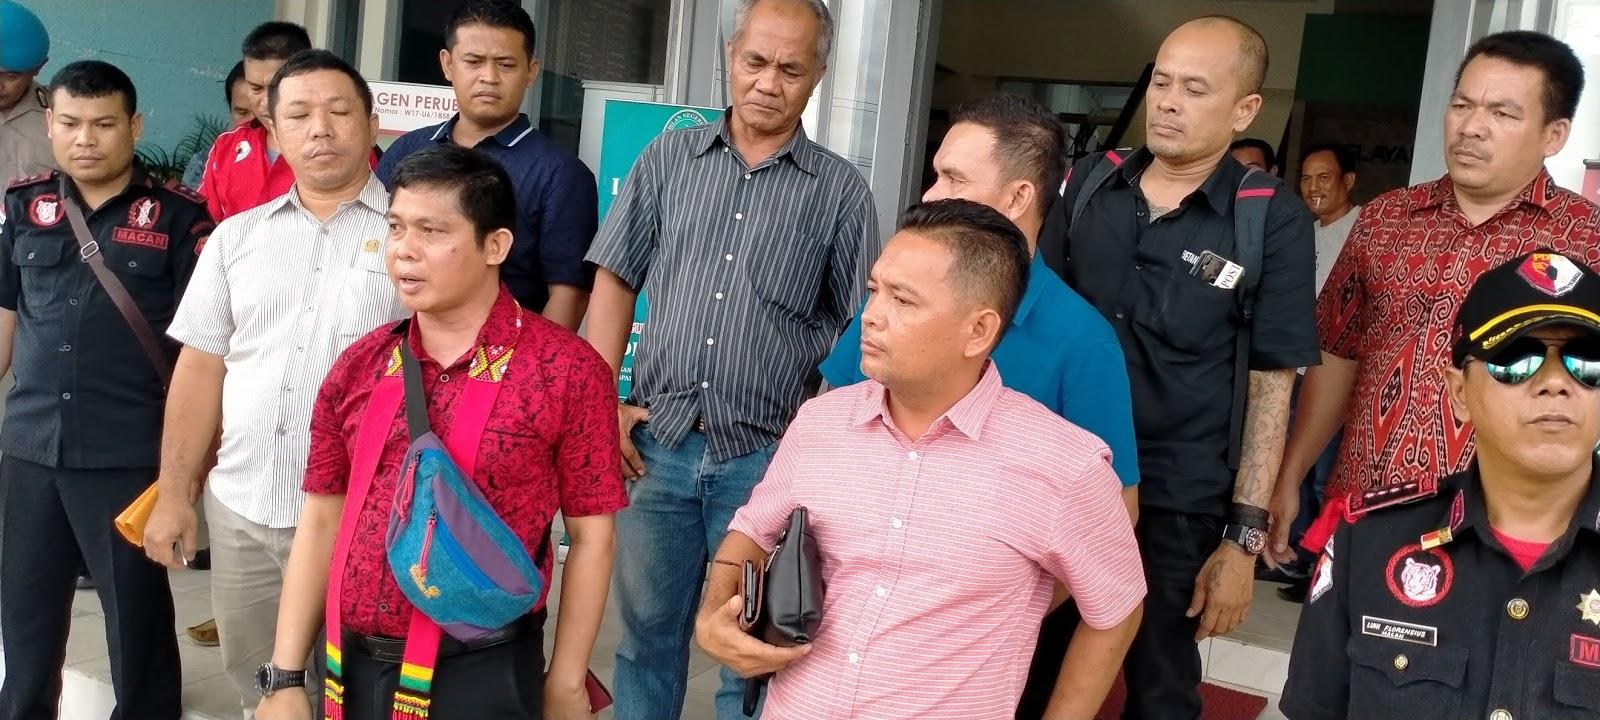 Bela Peladang DAD Akan Lakukan Ritual Adat di Depan Pengadilan Negri Sanggau